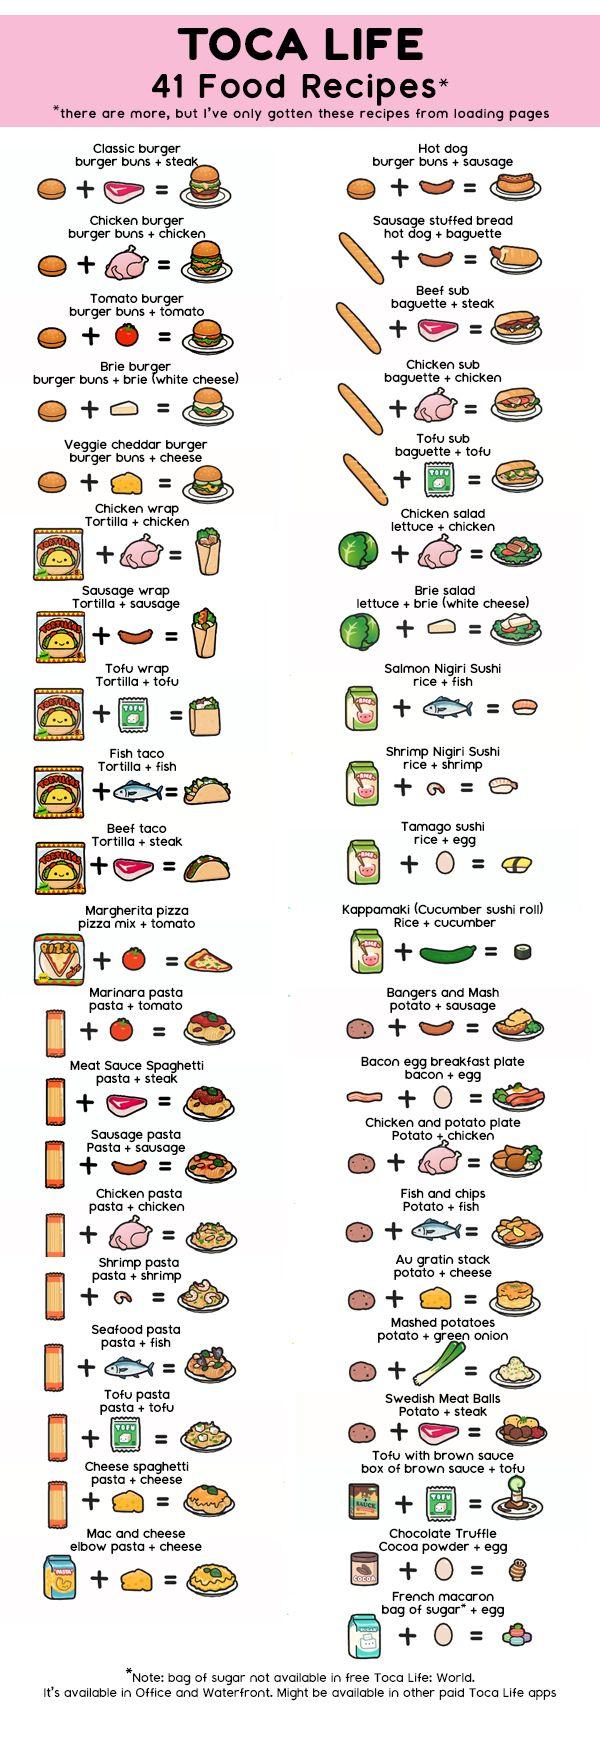 Toca Life World 41 Food Recipes Toca Boca Life World Wallpaper Life Words